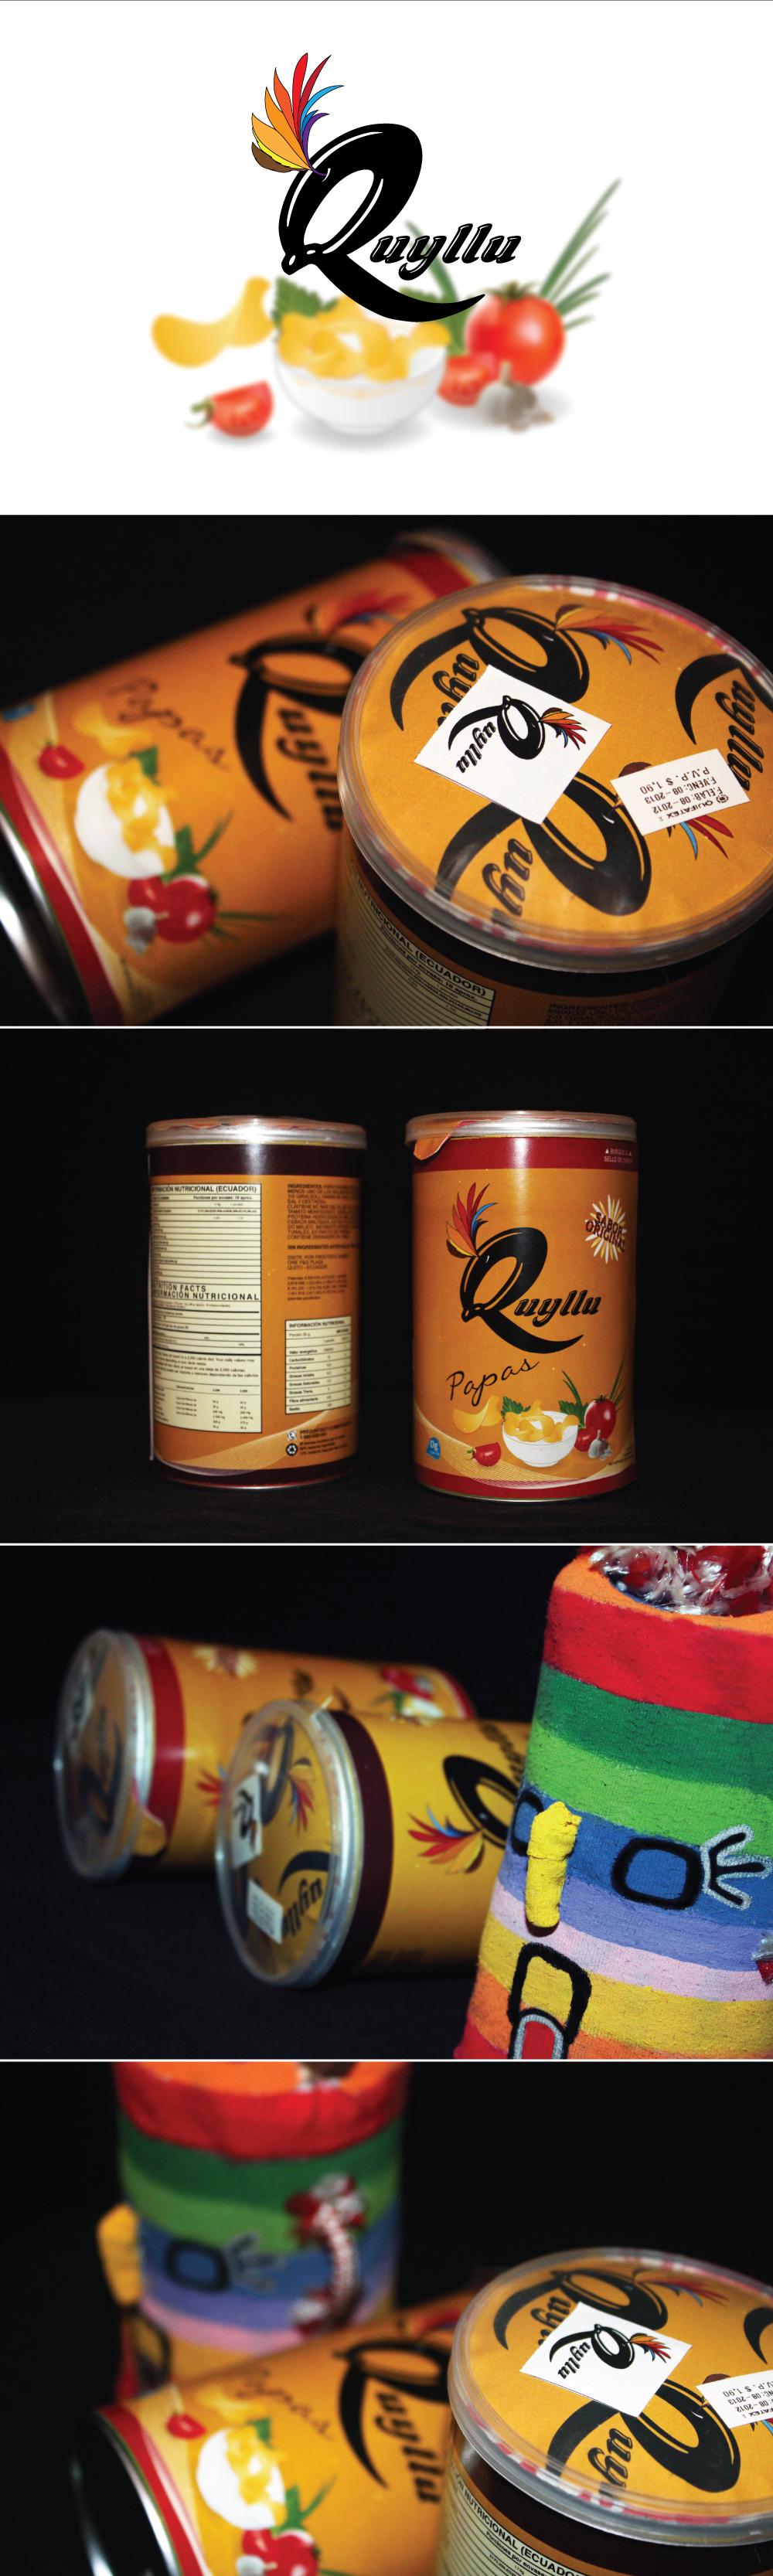 Diseño de imagen y Packaging de marca Quyllu por Fernando Terán